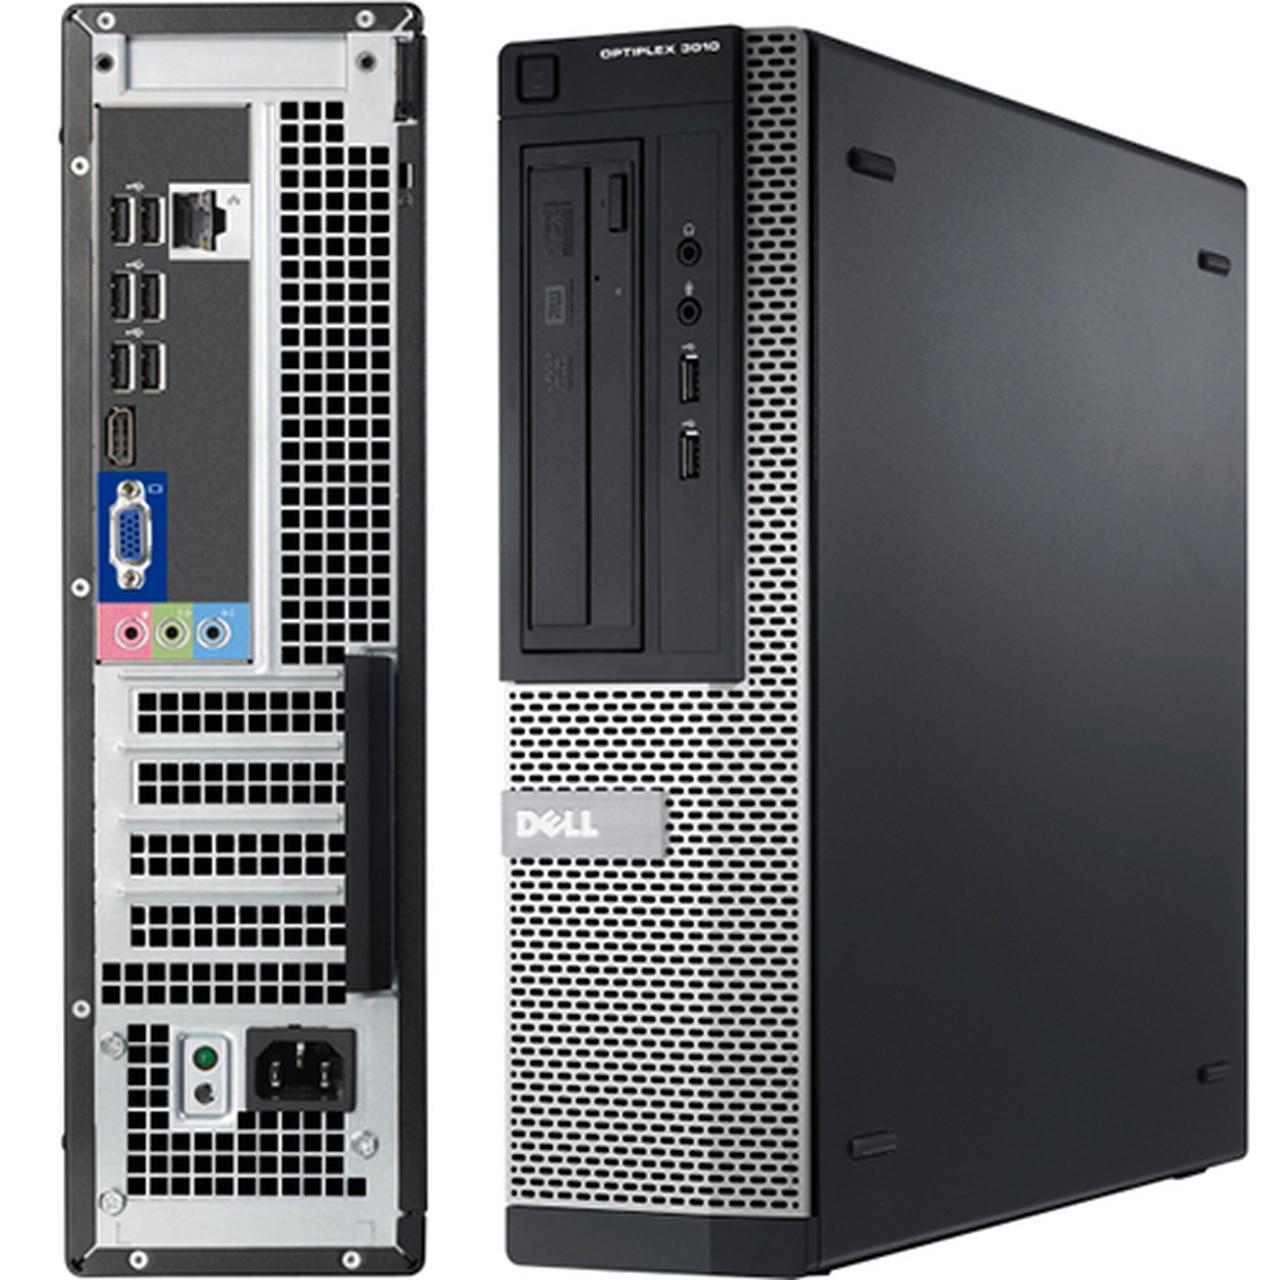 Dell OptiPlex 3010 DT Pentium 2,9 GHz - HDD 2 TB RAM 4 GB